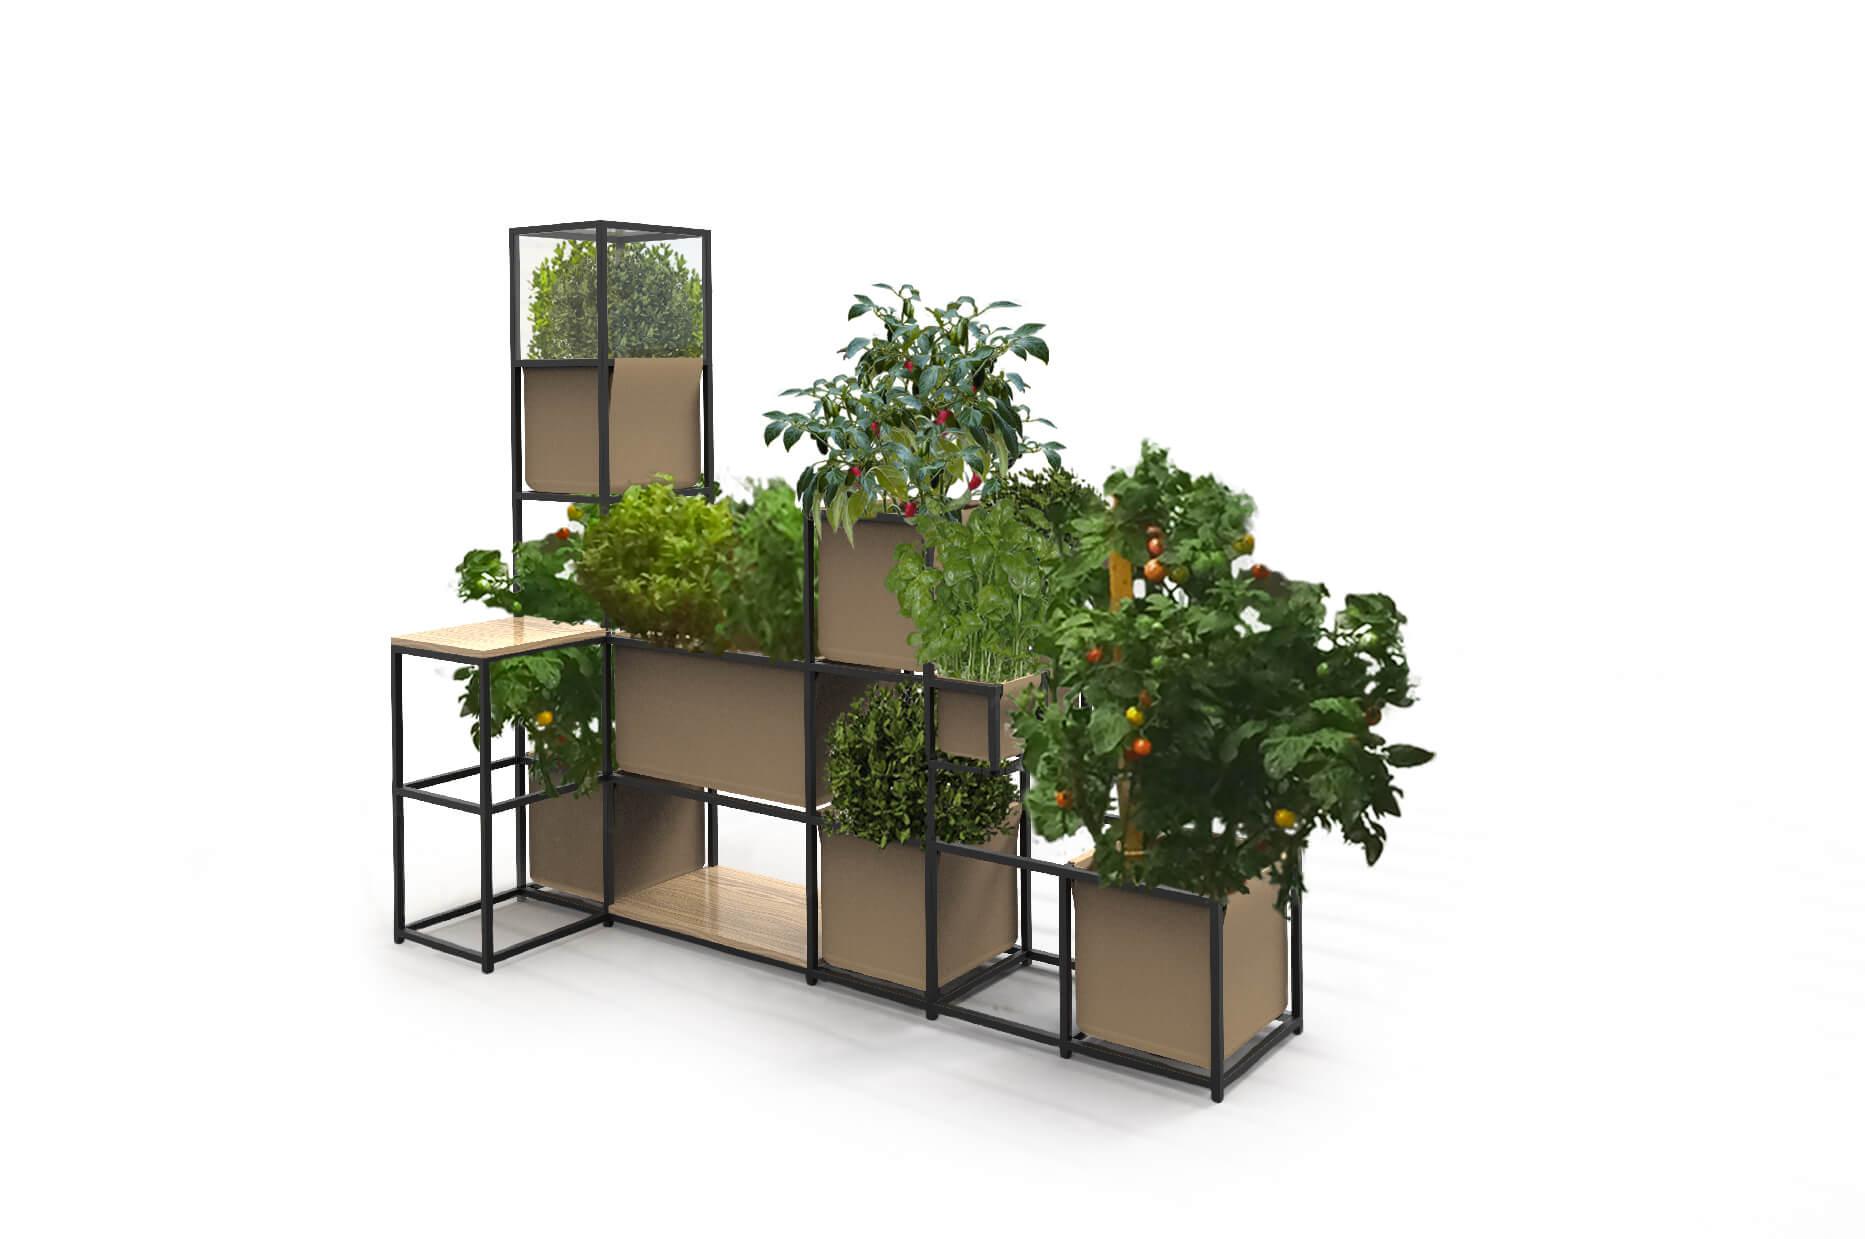 Modulair Garden